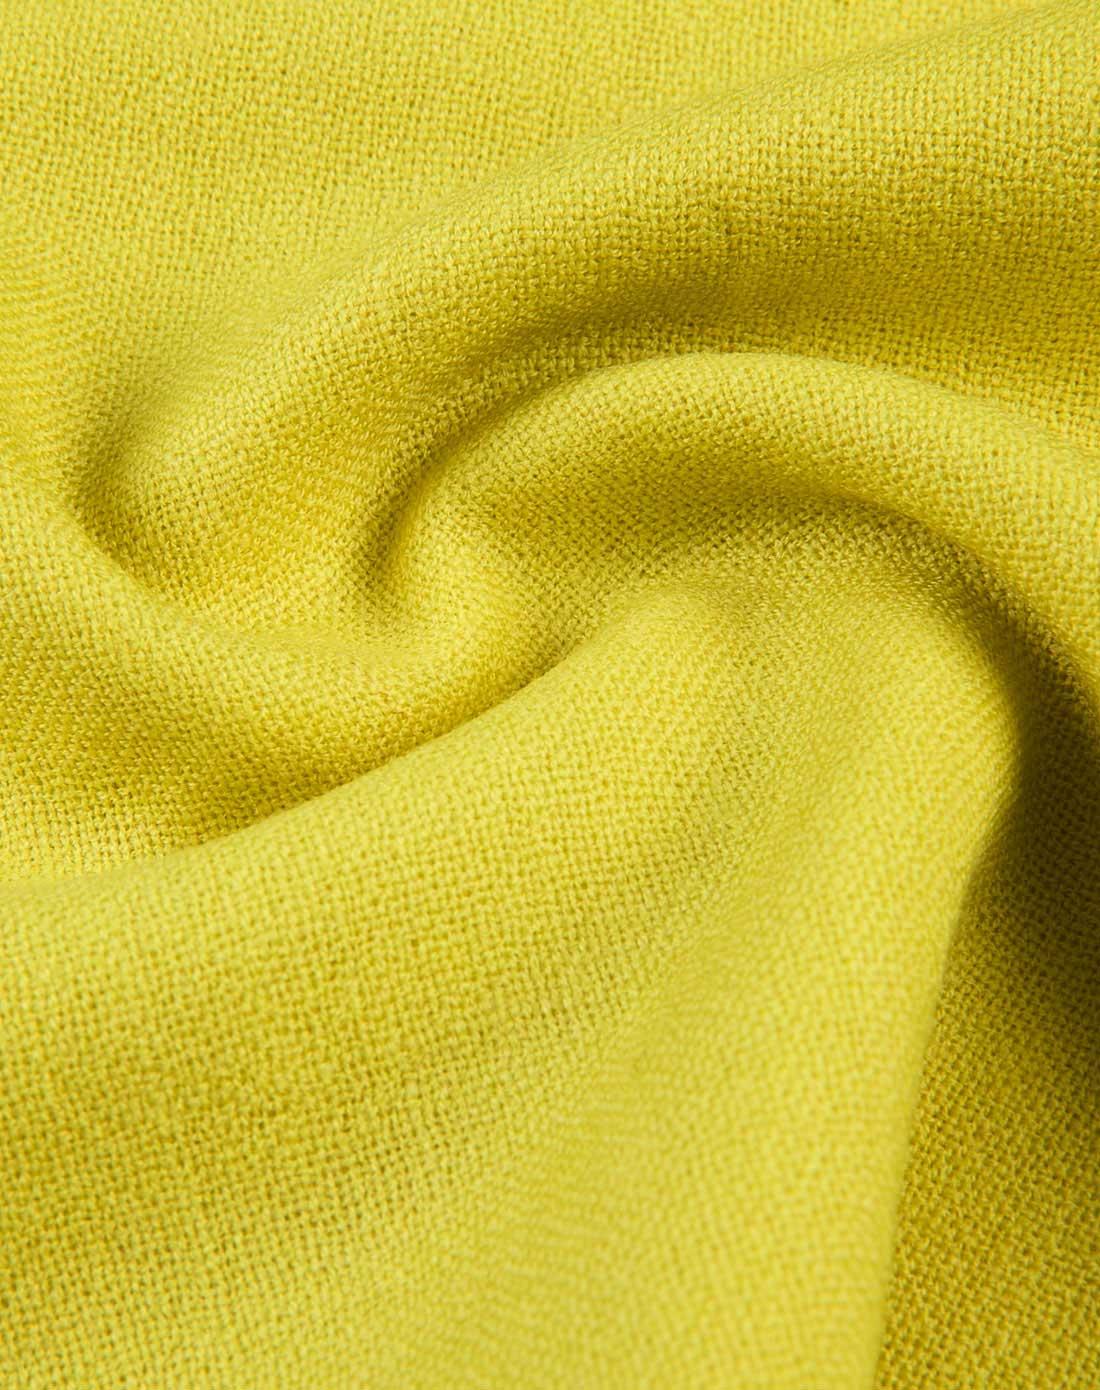 黄�:�y�(y�d_女款柳黄纯色百搭羊毛围巾